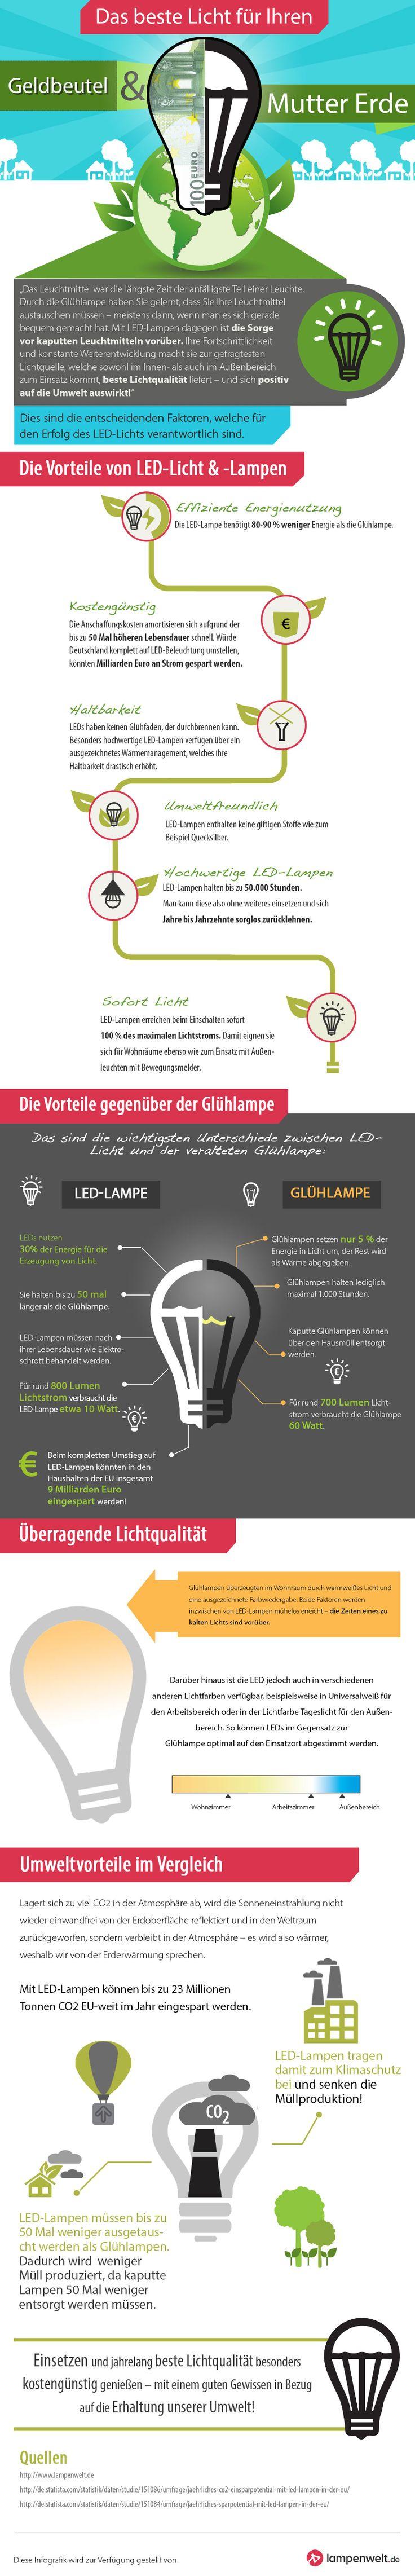 Mit LED Glühlampen Energie sparen und die Umwelt schonen